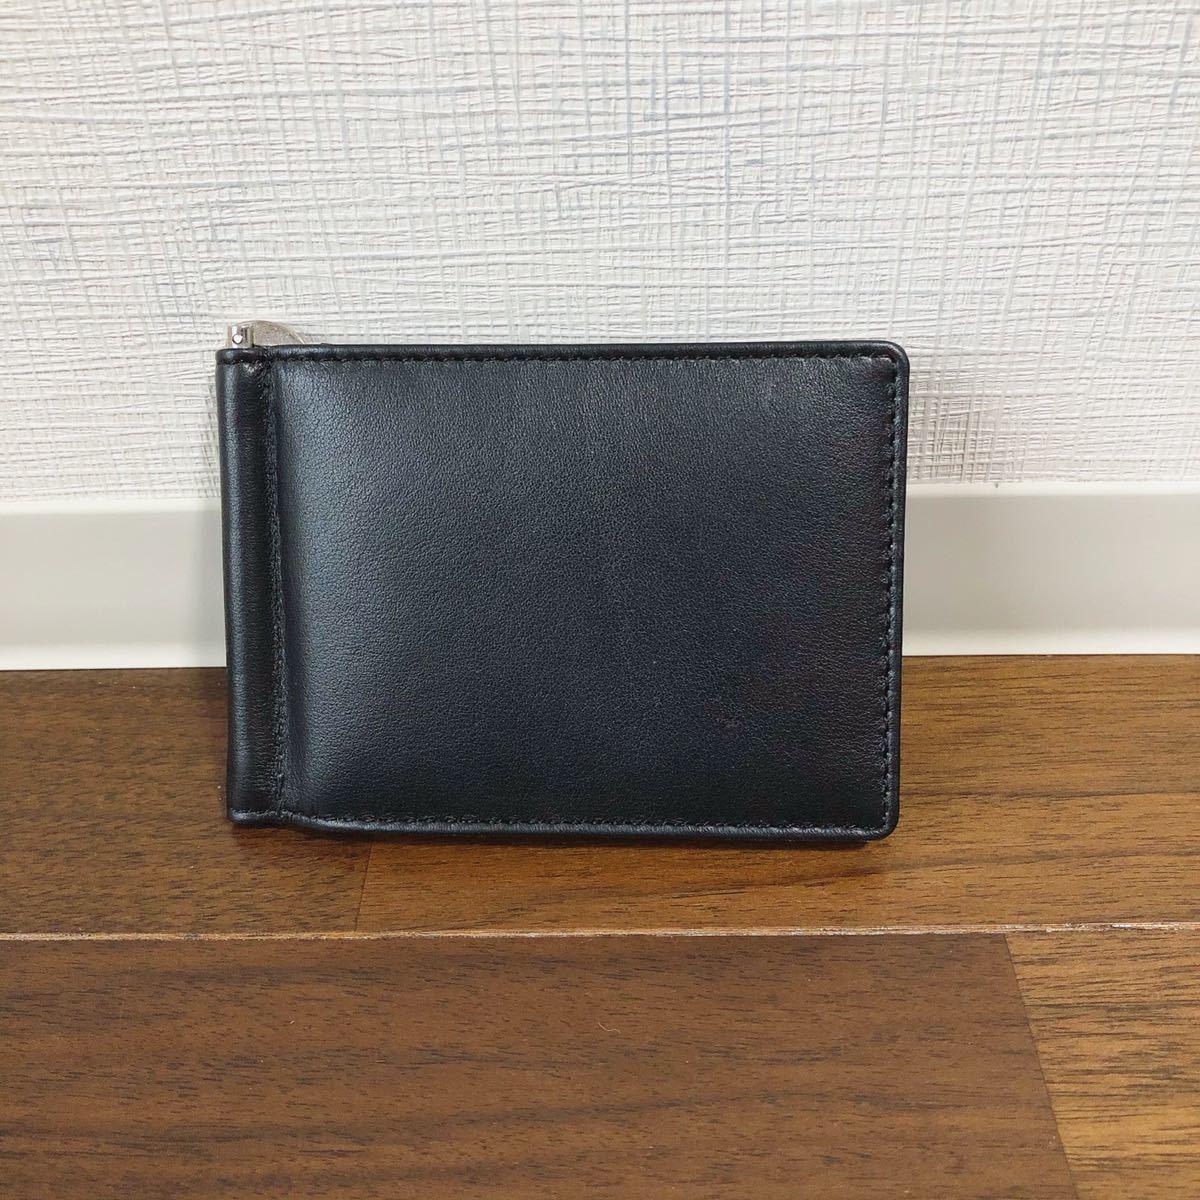 本革 ソフトレザー 薄型 マネークリップ ブラック 二つ折り財布 バネ口 コインケース メンズ レディース ビジネス コンパクト 薄マチ 財布_画像1